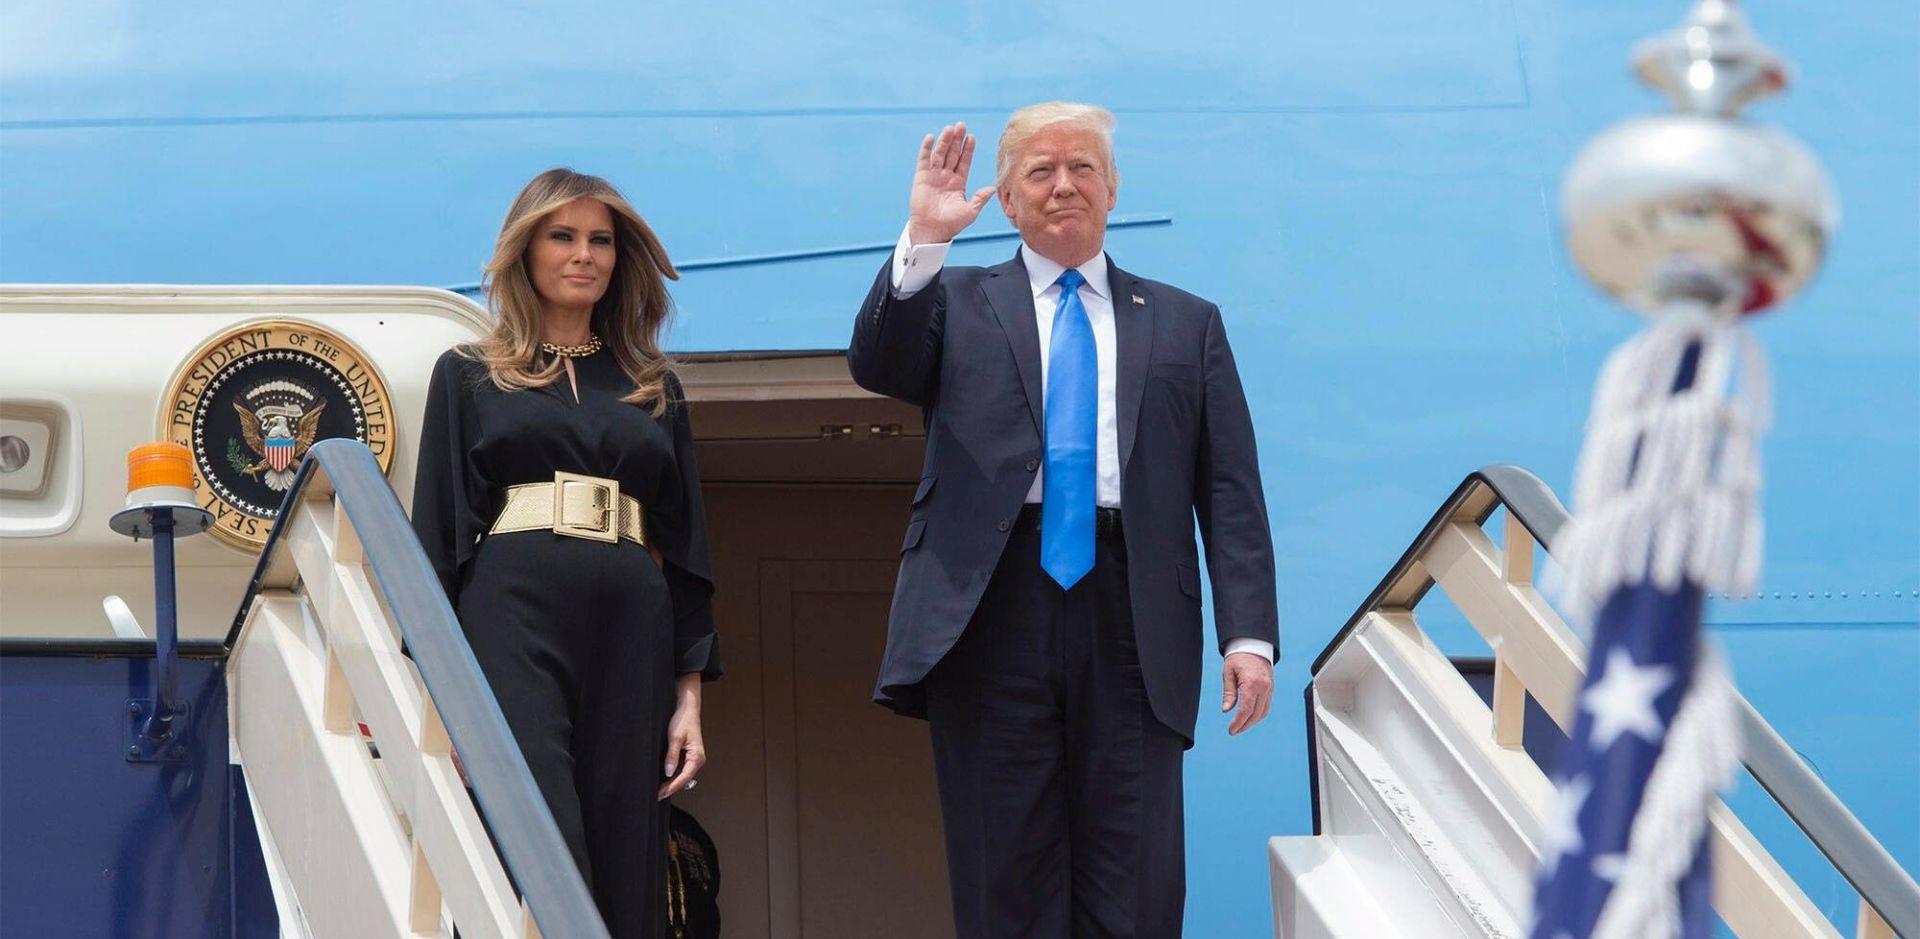 Melania i Ivanka Trump u središtu svih pogleda u Saudijskoj Arabiji